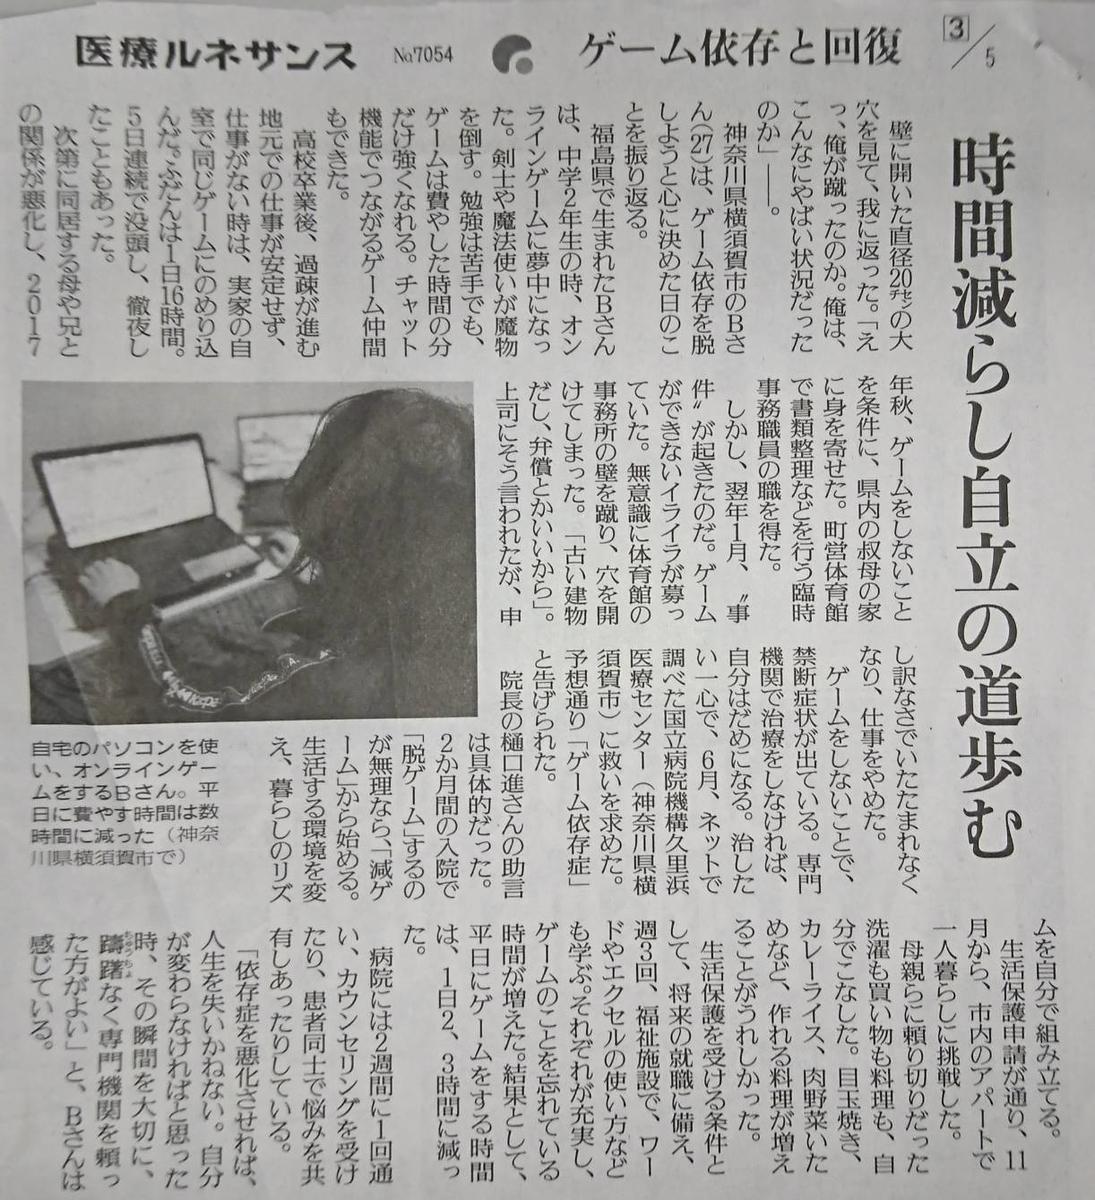 f:id:kazura-kobayashi:20200703105424j:plain